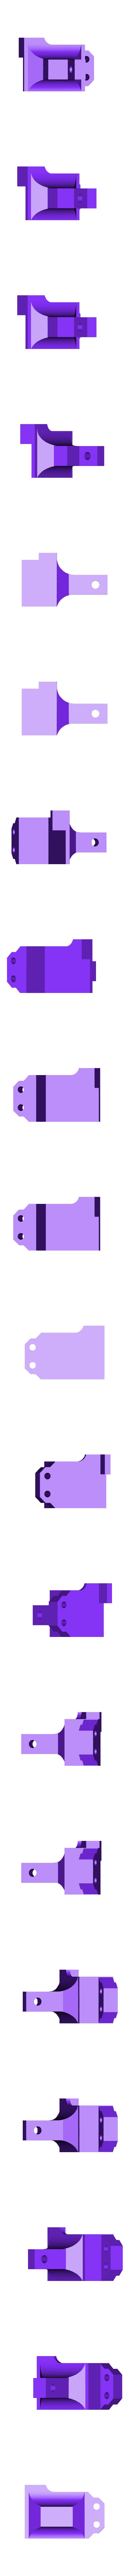 2.stl Télécharger fichier STL gratuit XYZ DaVinci PRO Porte-bobine de surface XYZ DaVinci PRO • Objet pour impression 3D, indigo4